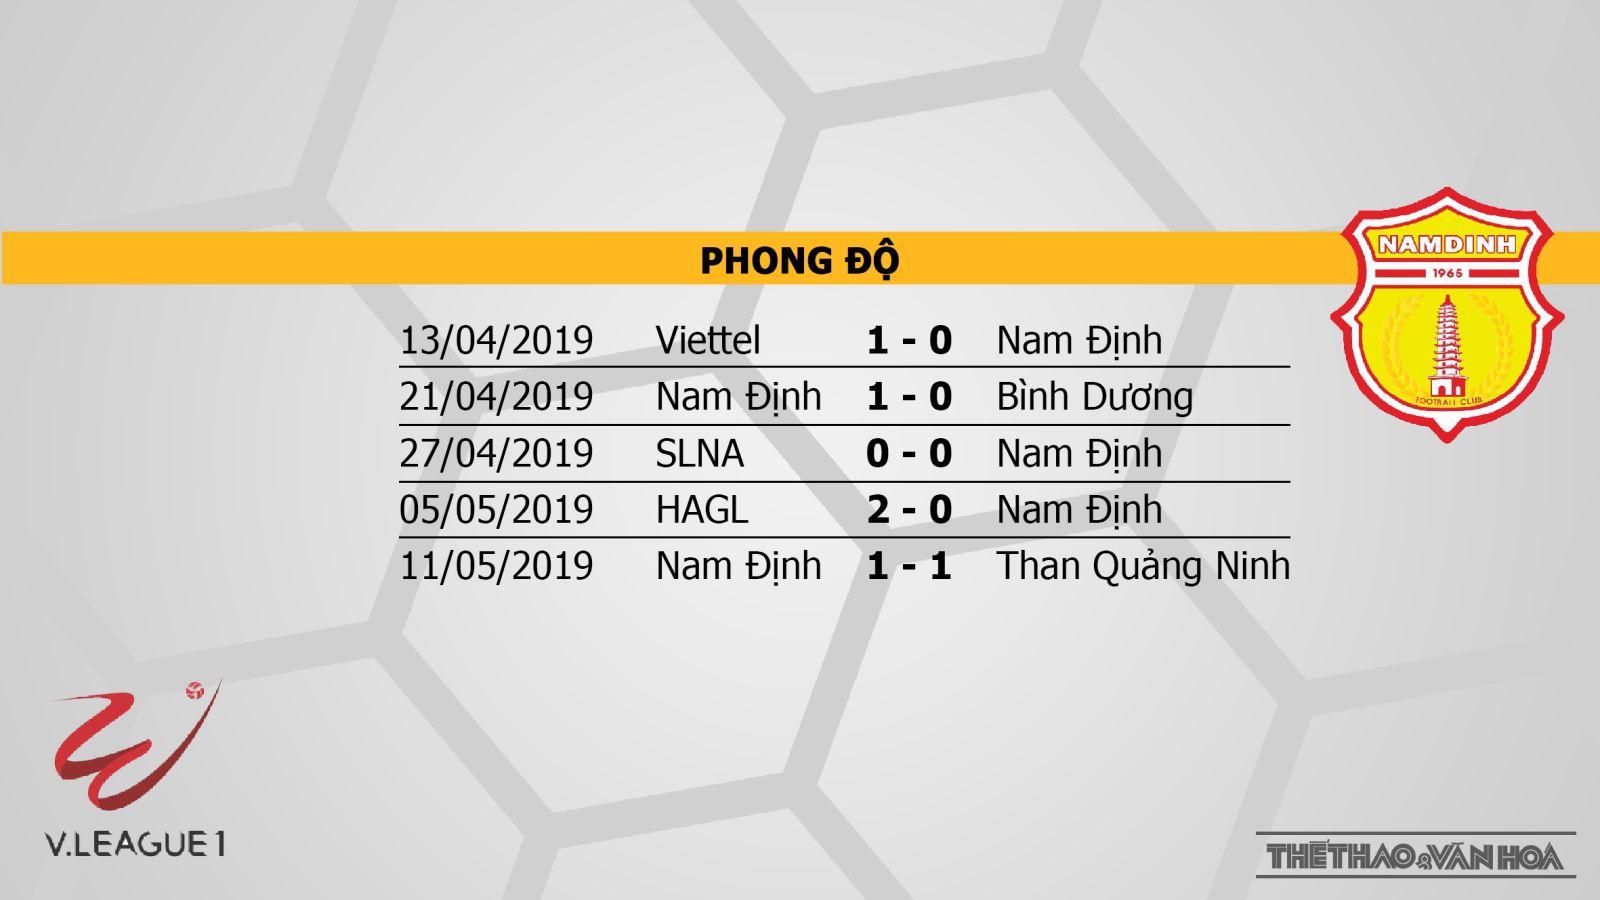 Quảng Nam vs Nam Định, VTV6, Quảng Nam, Nam Định, truc tiep bong da, trực tiếp bóng đá, link trực tiếp Quảng Nam vs Nam Định, xem trực tiếp bóng đá, bóng đá Việt Nam hôm nay, V League 2019, FPT, BĐTV